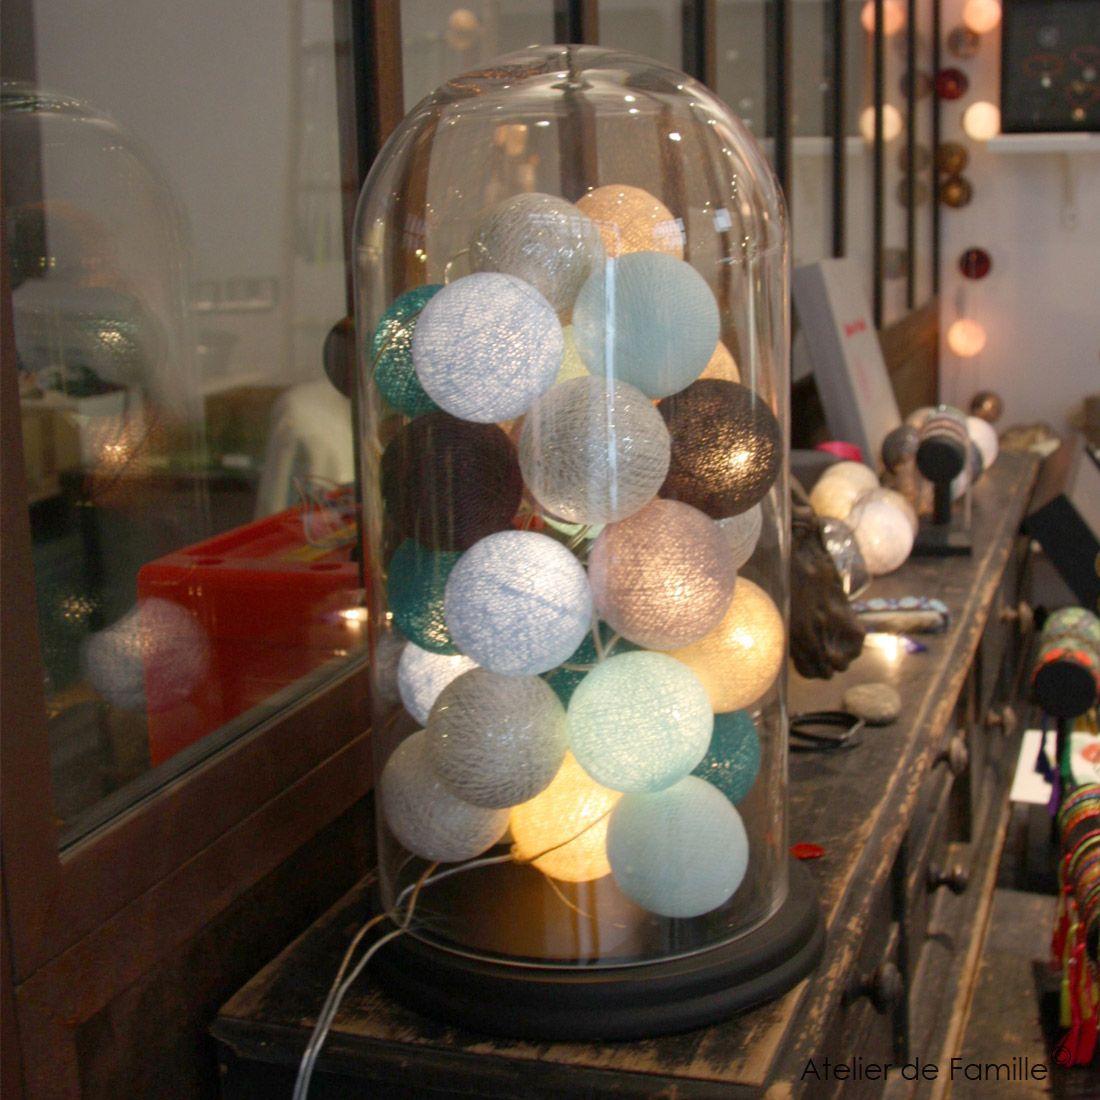 Guirlande lumineuse 17 boules en coton longueur 17m Atelier de